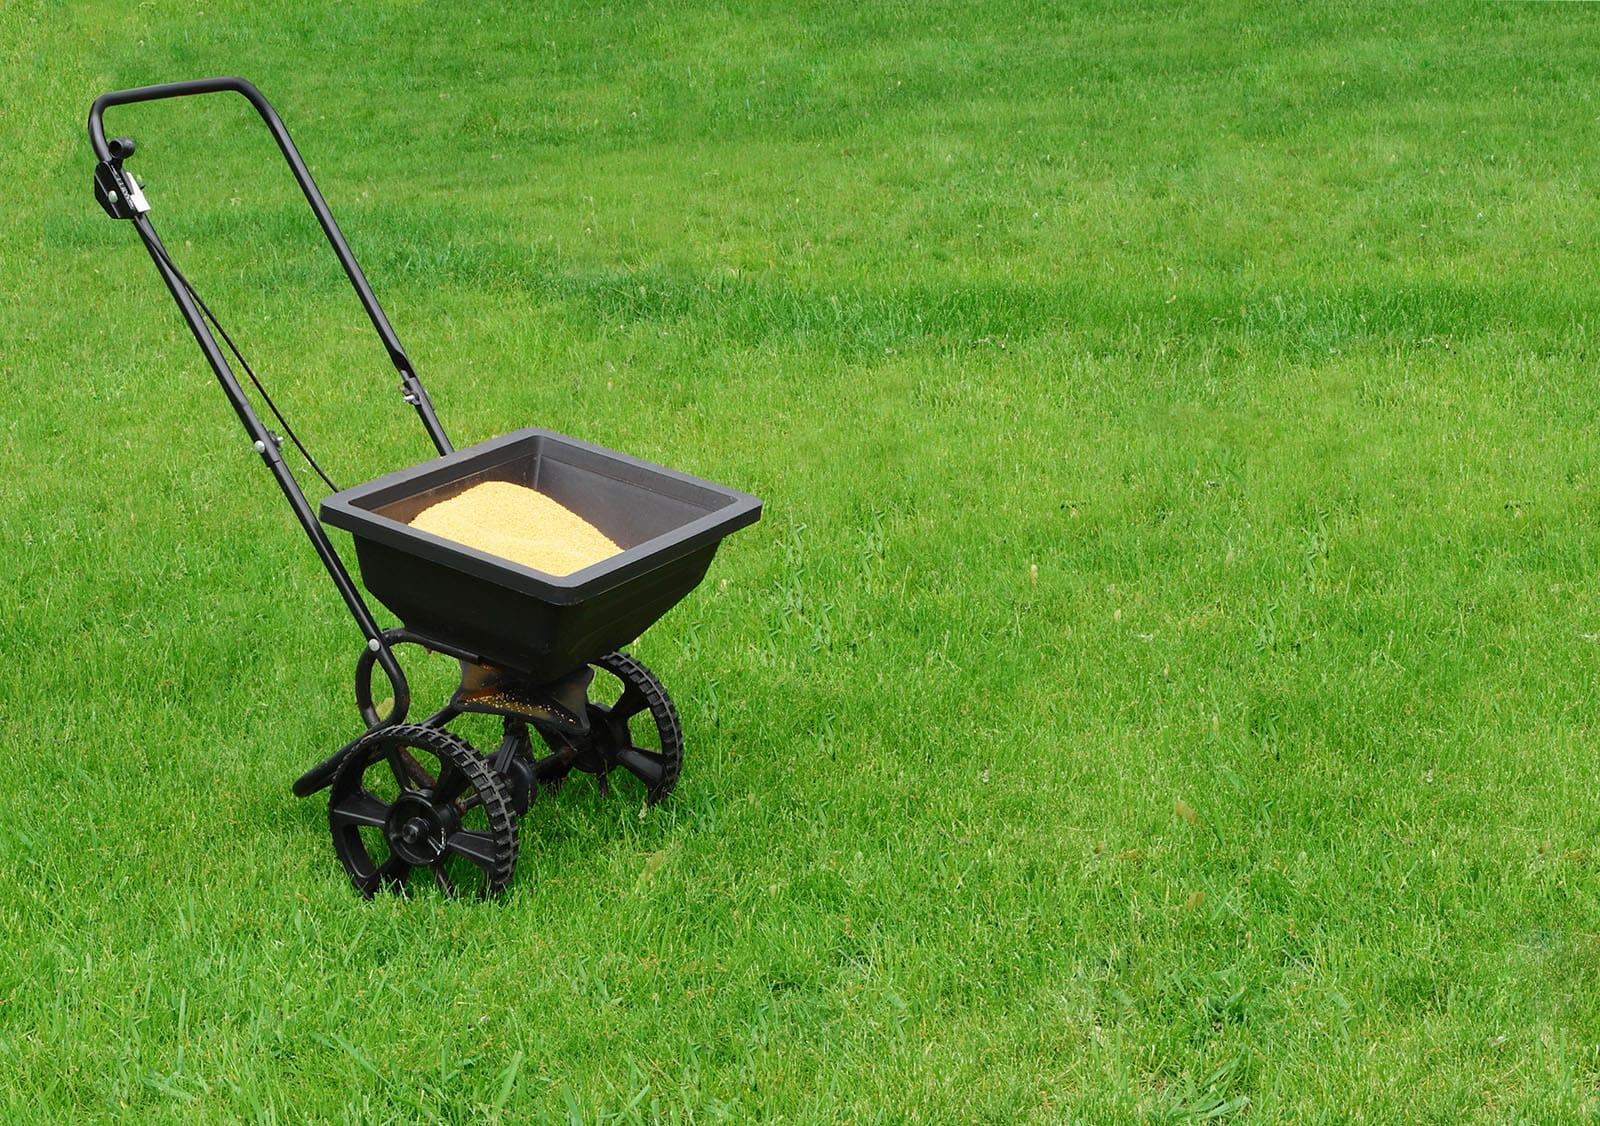 Lawn Fertilizer Services